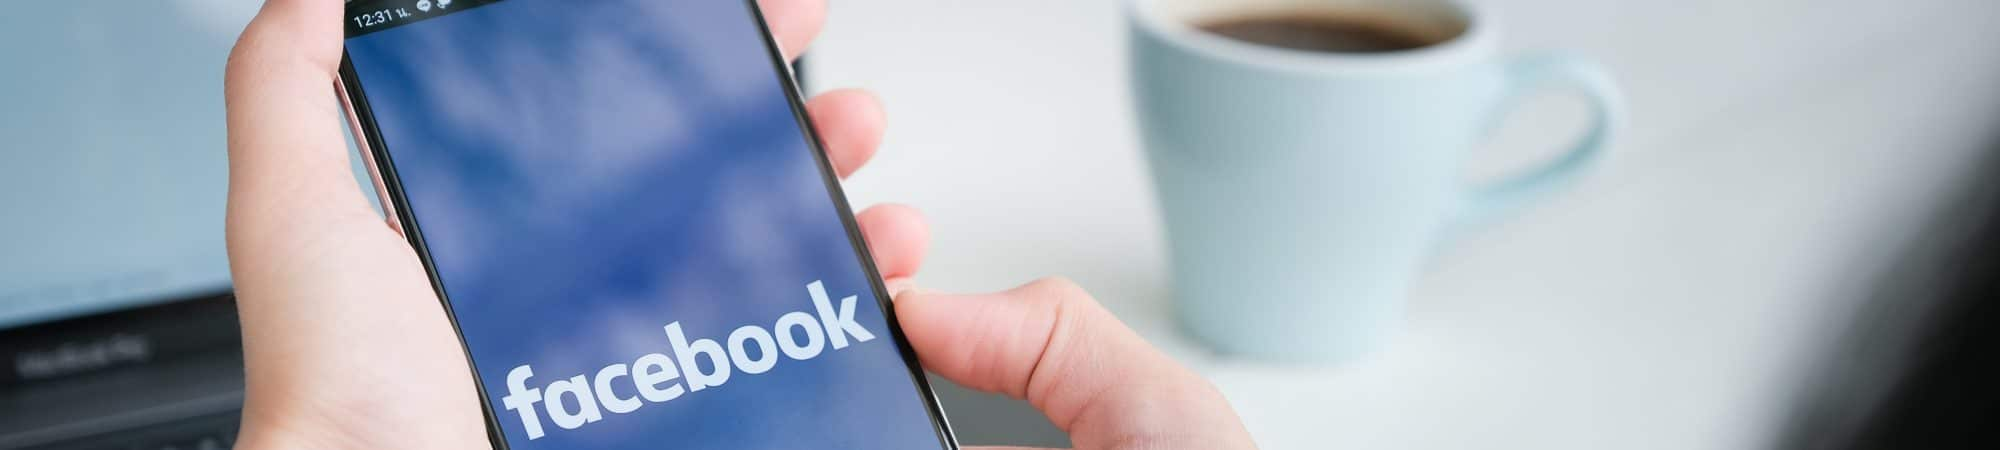 Facebook atualiza lista de informação falsa